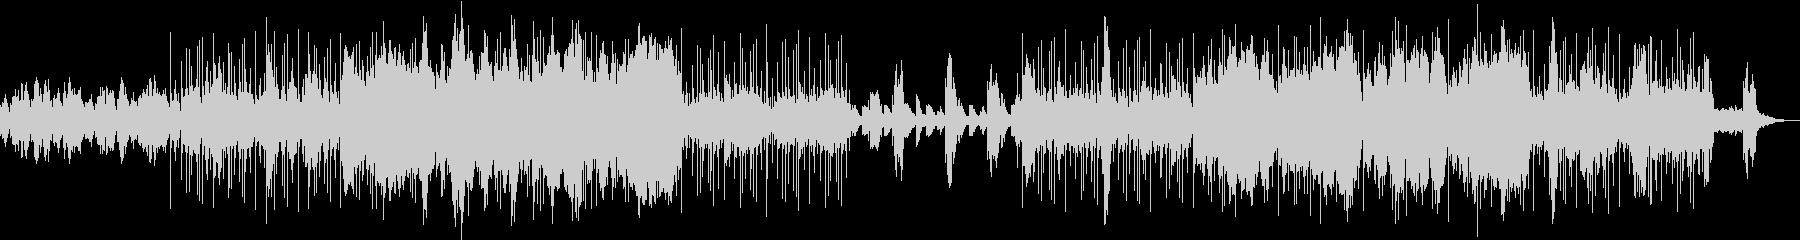 ピアノ リラックス 鳥 アイランド 癒しの未再生の波形